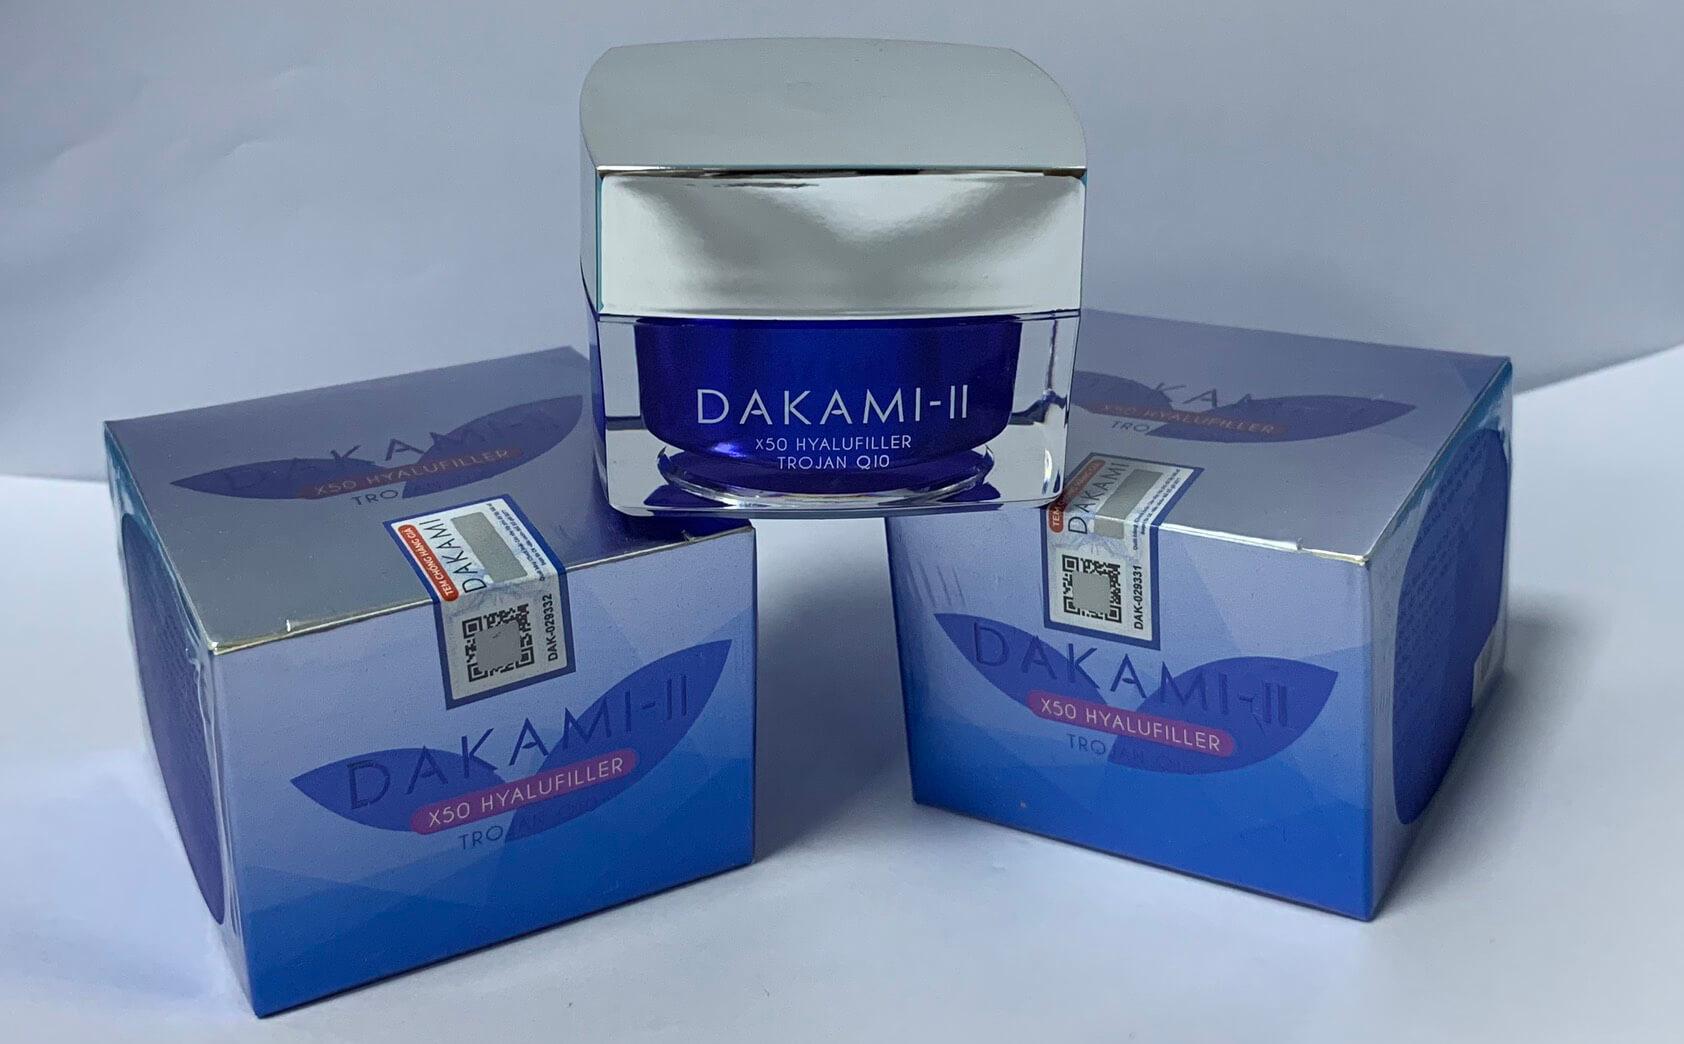 dakami-II-chinh-hang